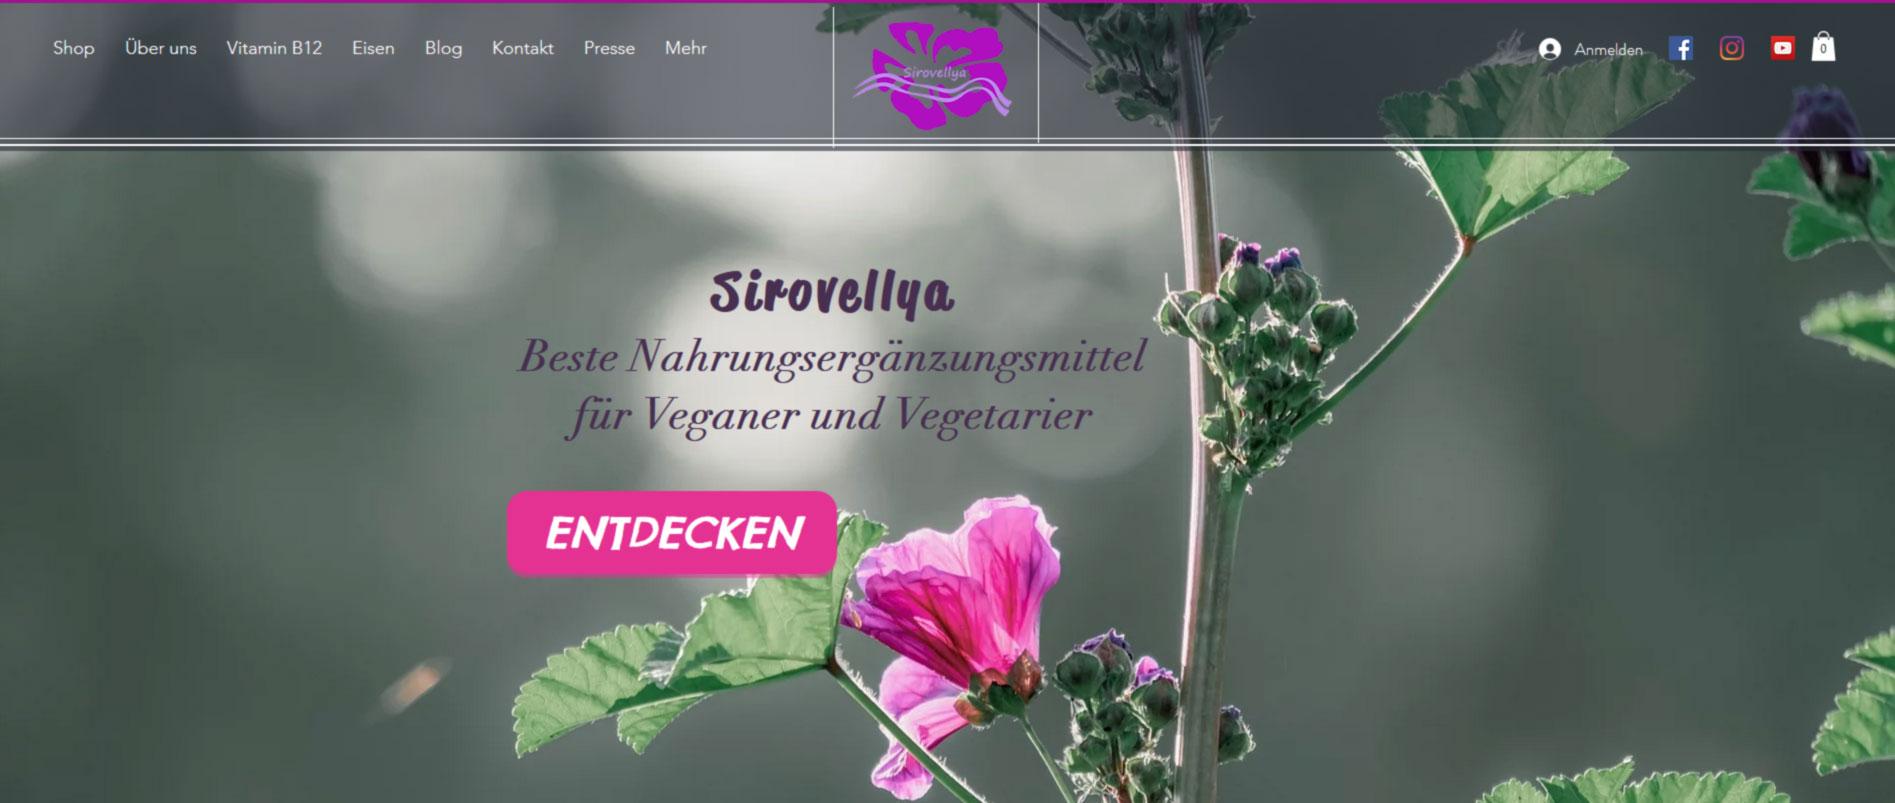 Sirovellya-SEO-Projekt